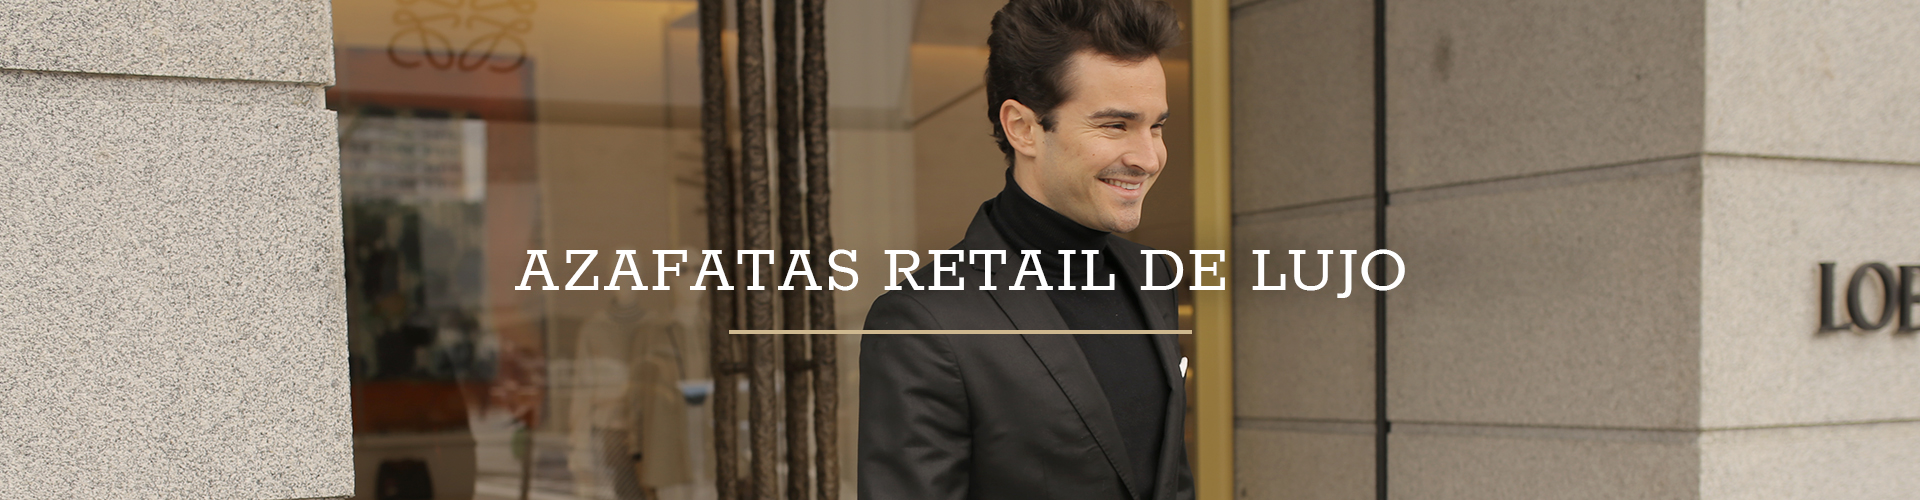 azafatas retail lujo